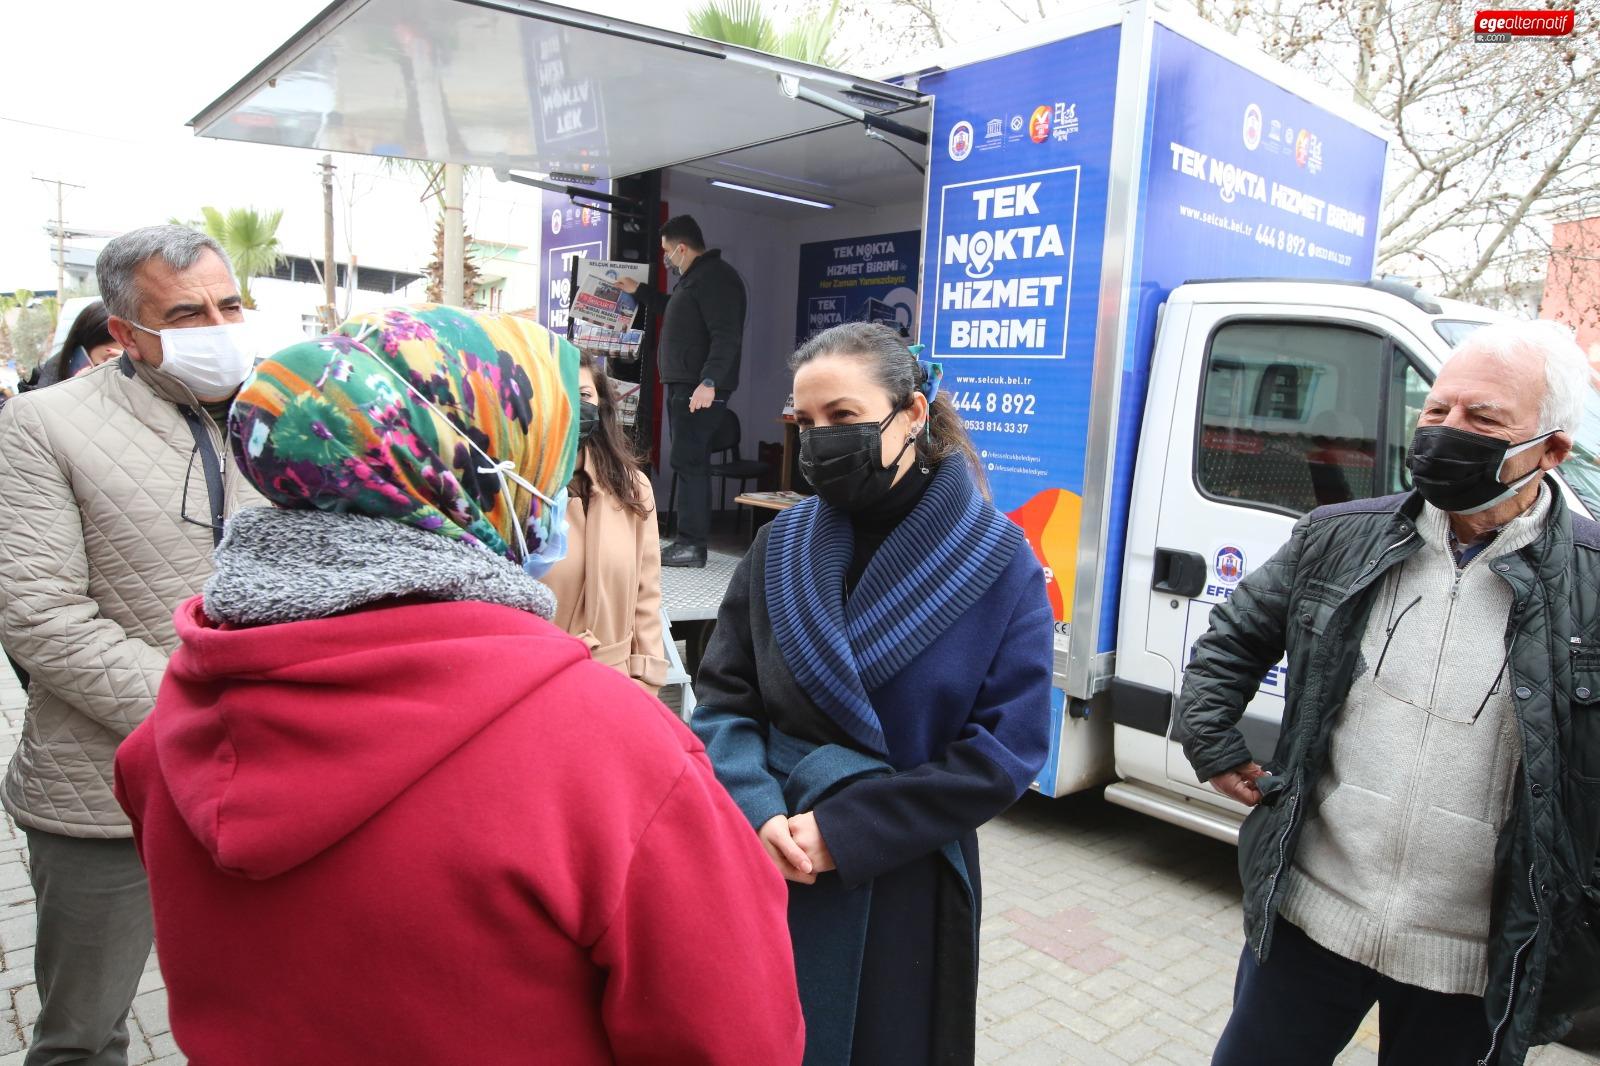 Efes Selçuk Belediyesi tek nokta hizmet aracı yola çıktı!